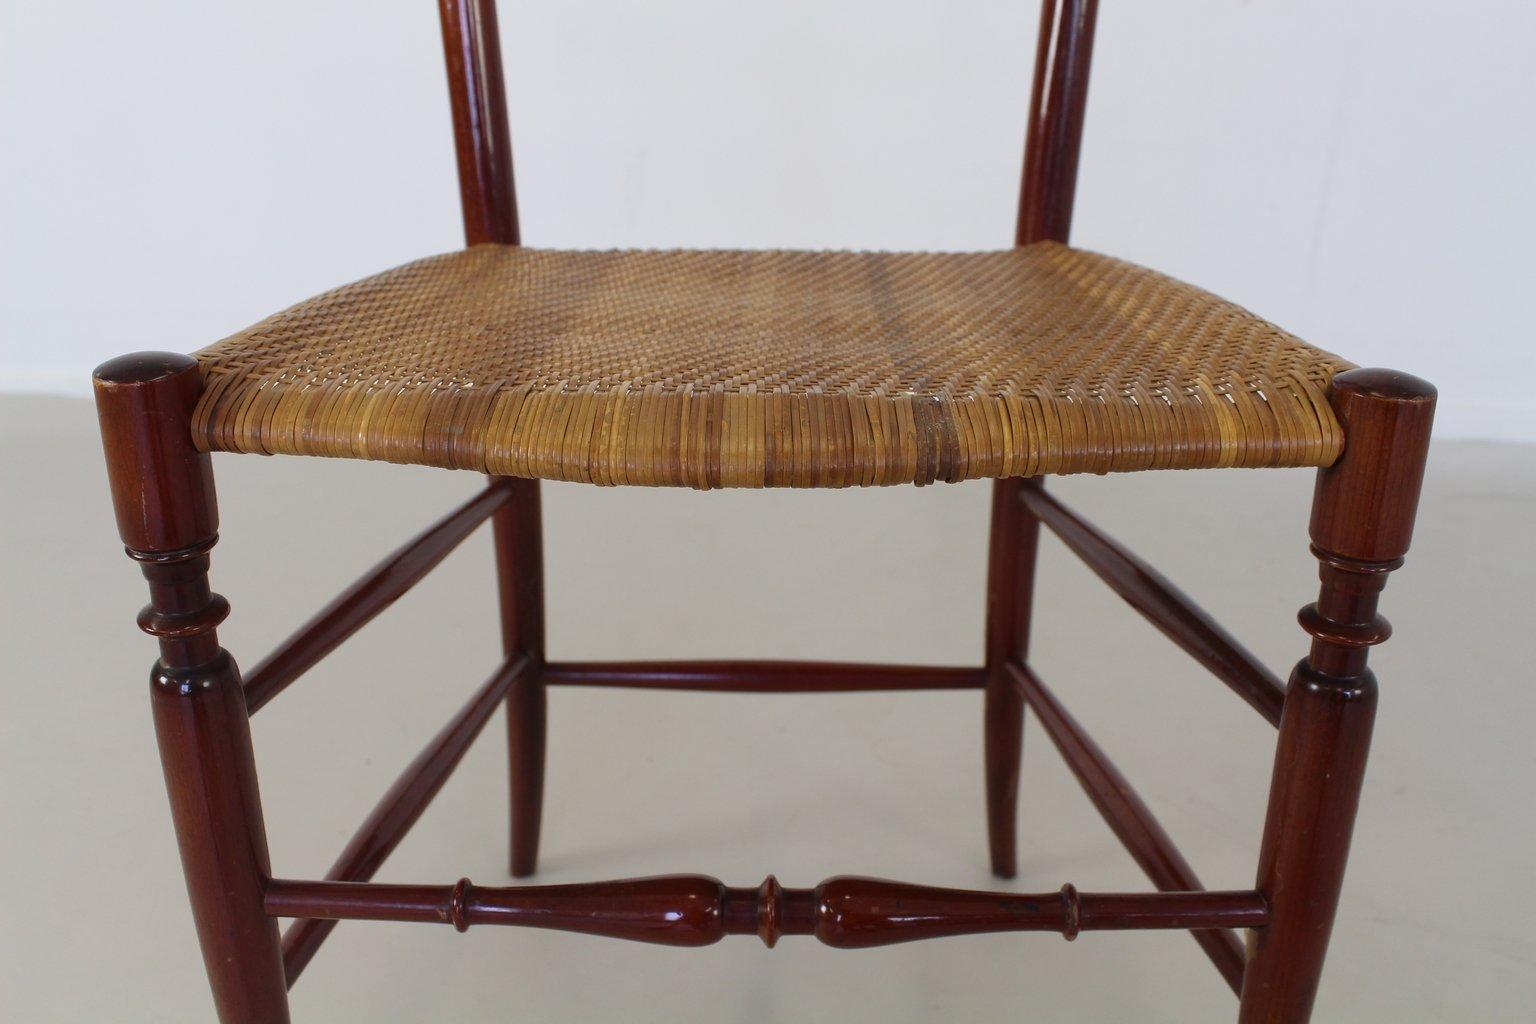 chiavari stuhl mit hoher r ckenlehne aus nussholz von giuseppe gaetano descalzi 1950 bei pamono. Black Bedroom Furniture Sets. Home Design Ideas